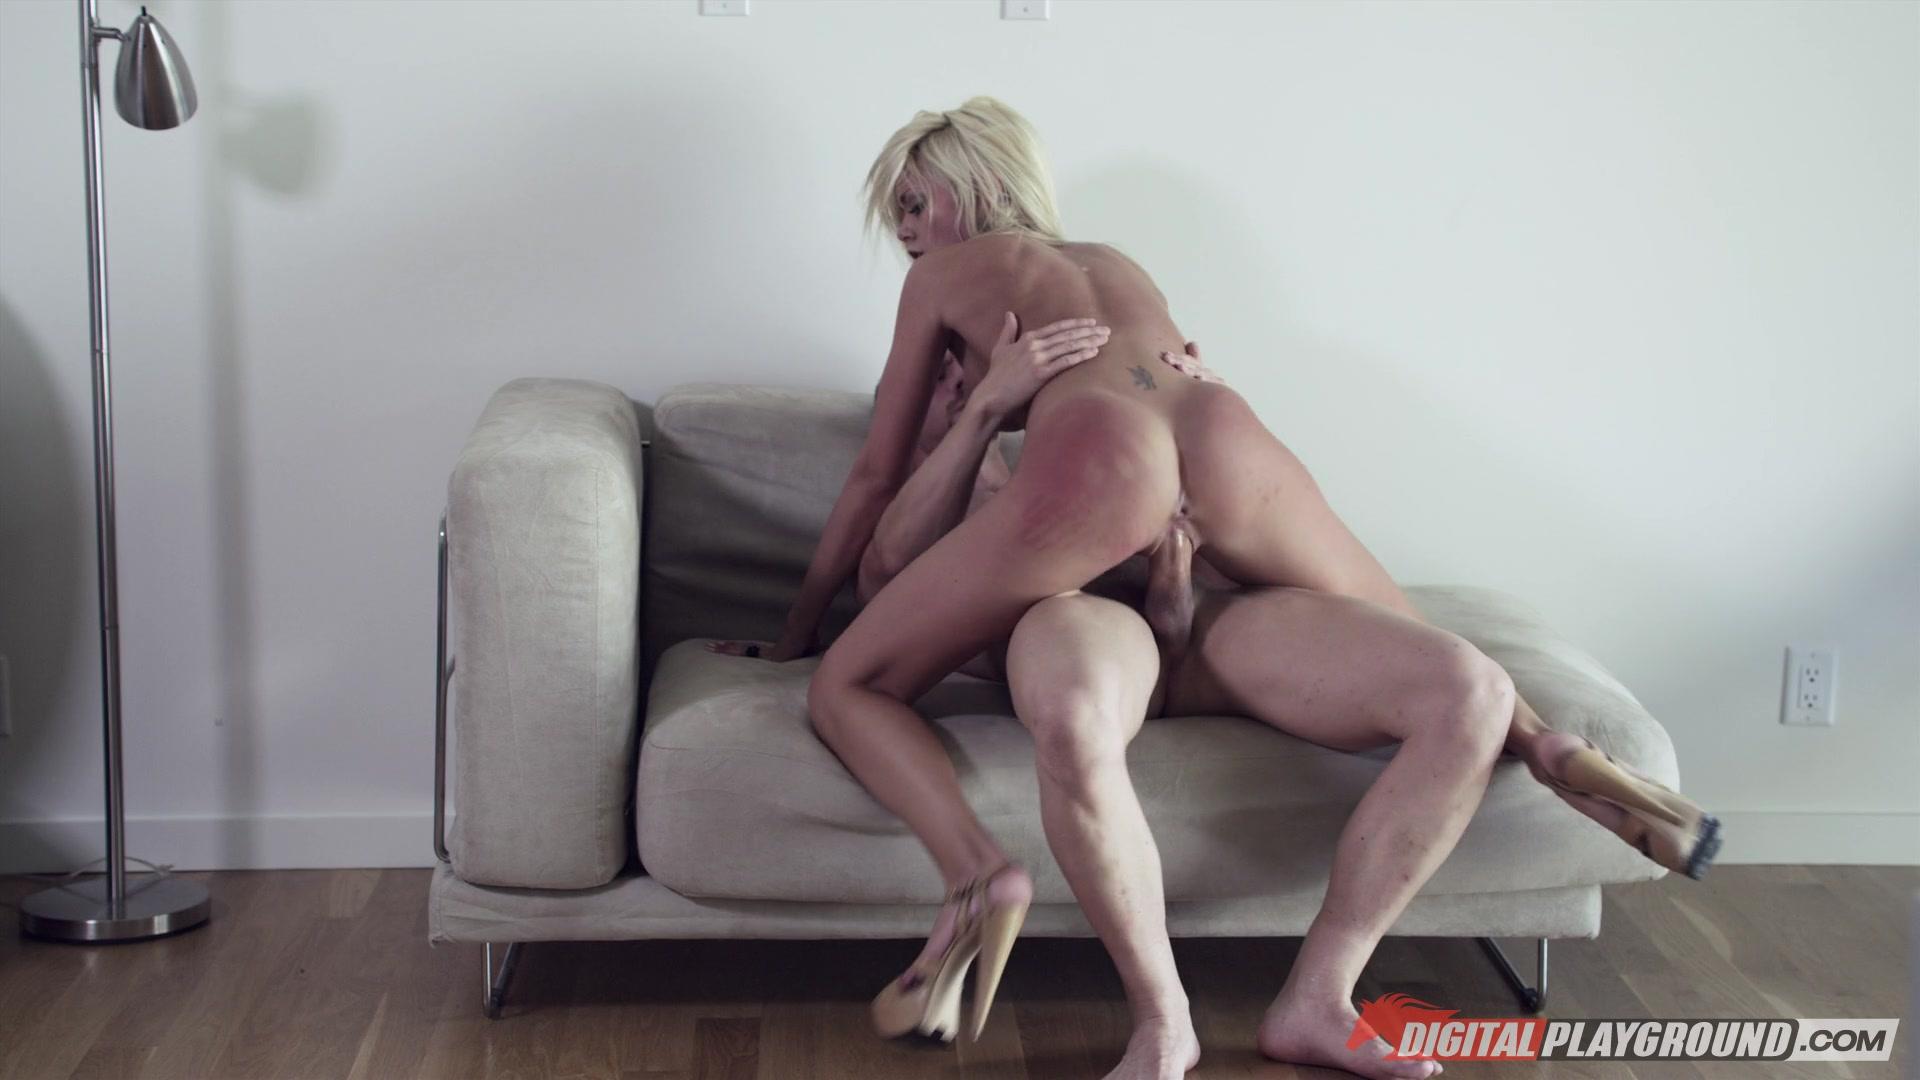 Cockriding stepsister blasted with warm jizz xxx porn